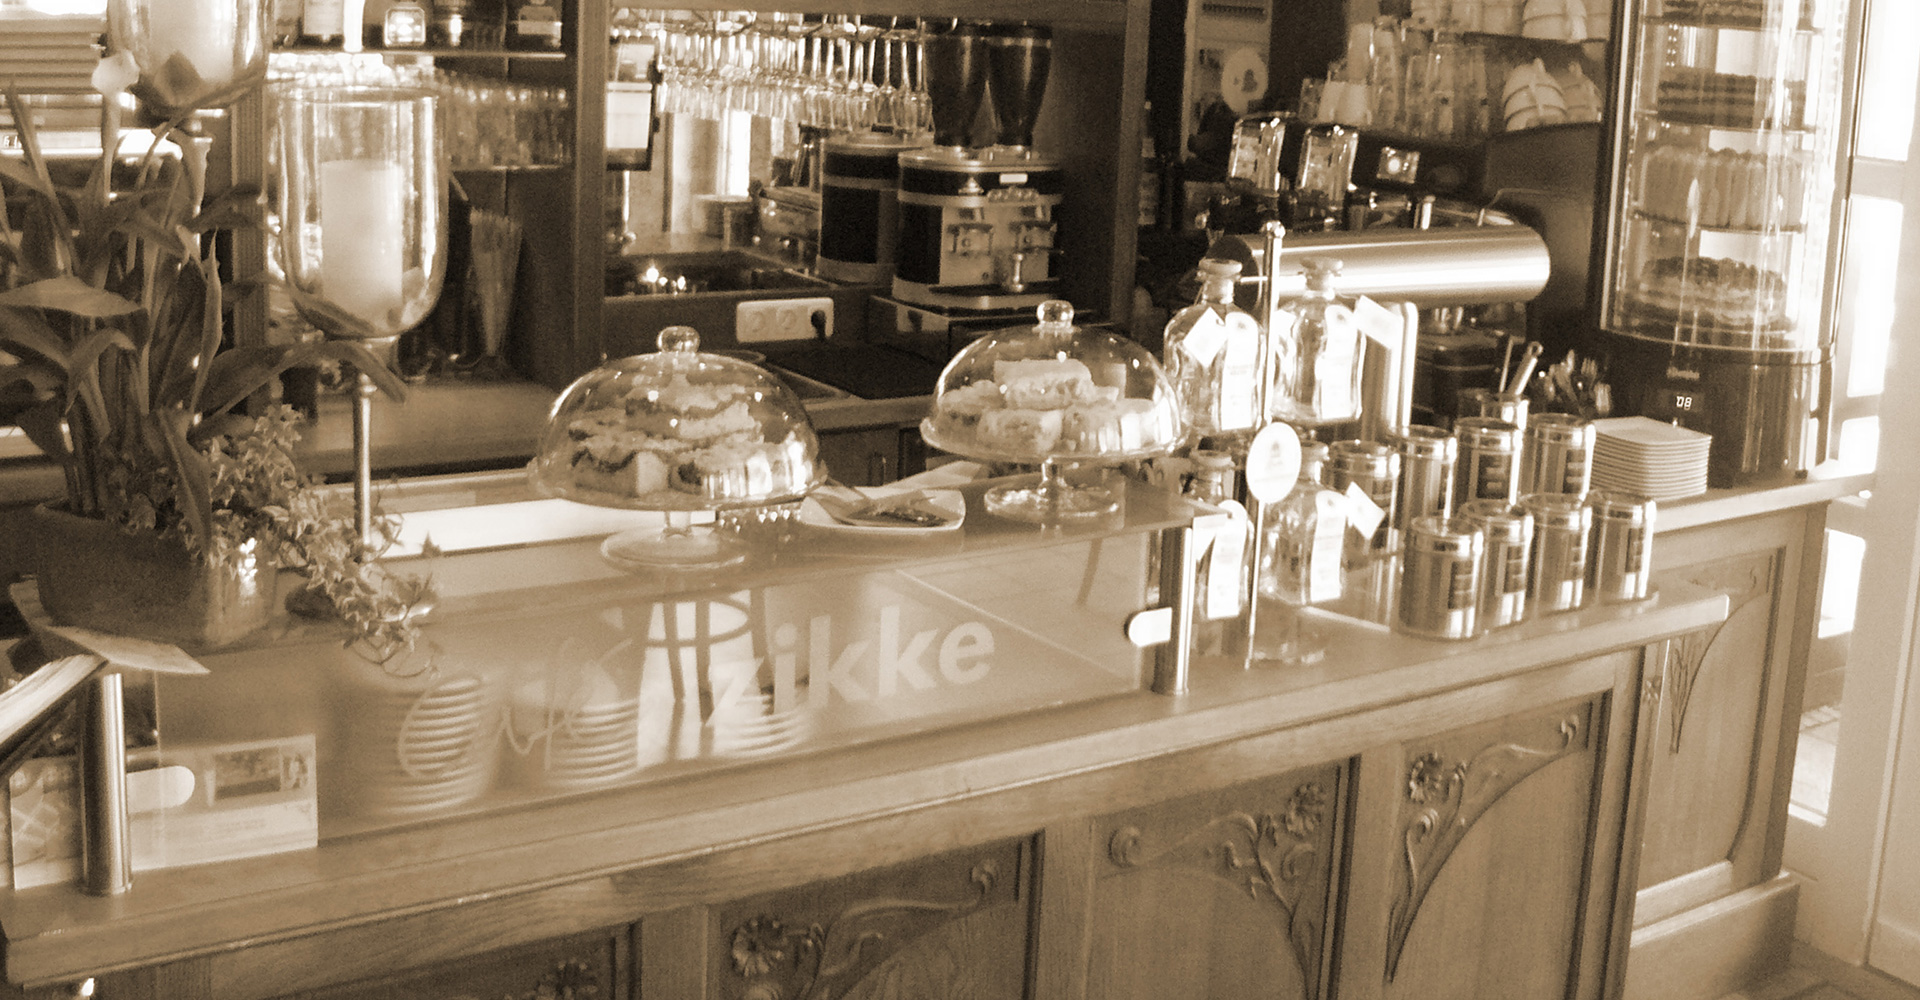 Cafe Zikke In Bad Doberan